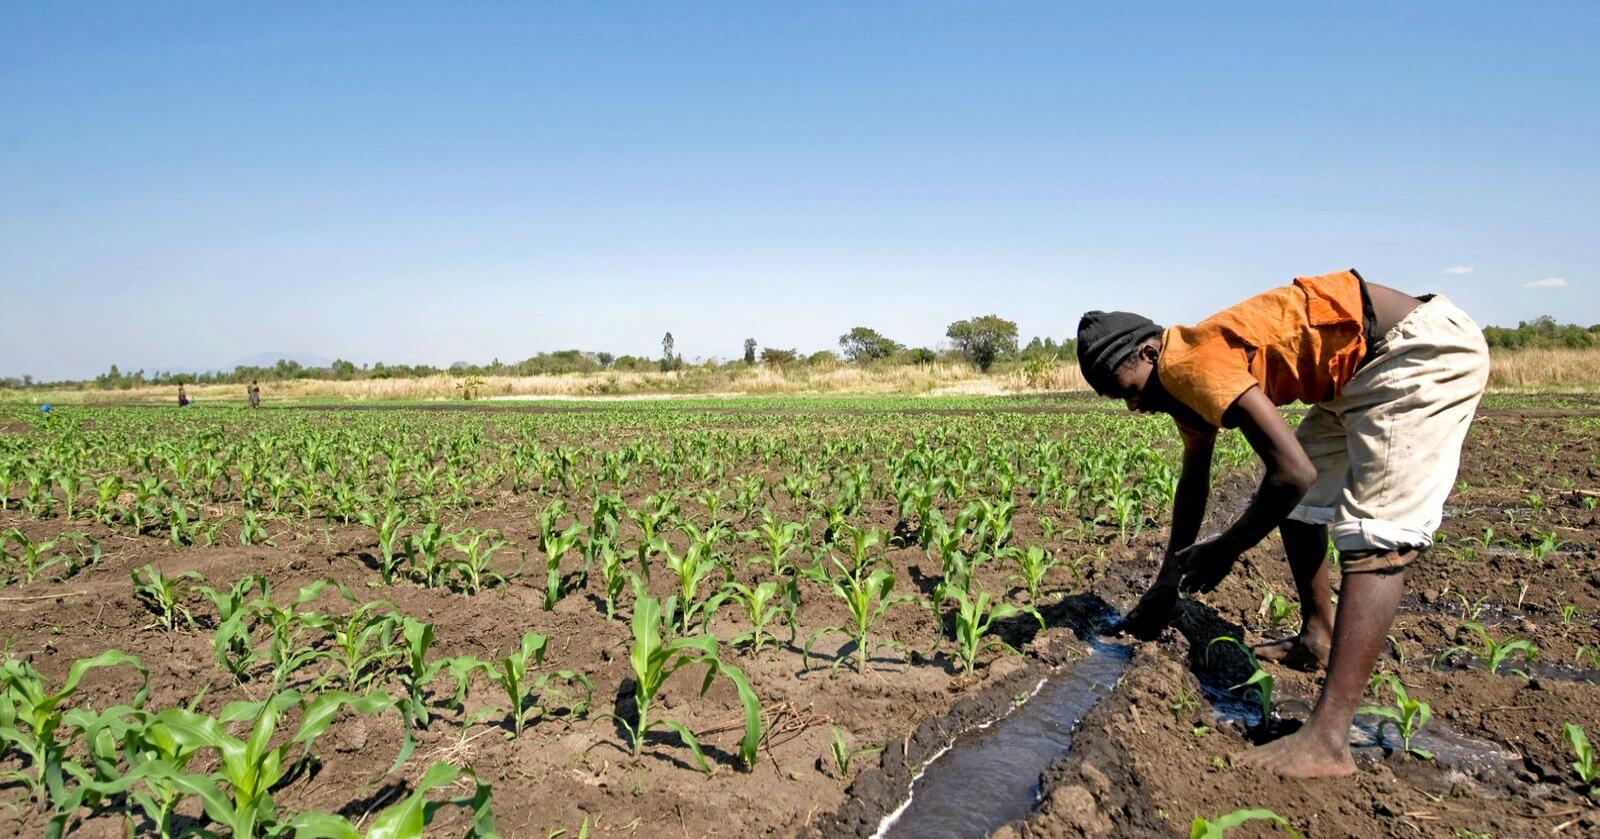 I Chinamwali i Malawi pumpes vannet opp fra Mikoko elven, og Elliot Lailo fordeler vannet jevnt utover maisåkeren. Nå kan han få hjelp av norske værdata når han planlegger driften av gården sin. Foto: Ken Opprann/Norad